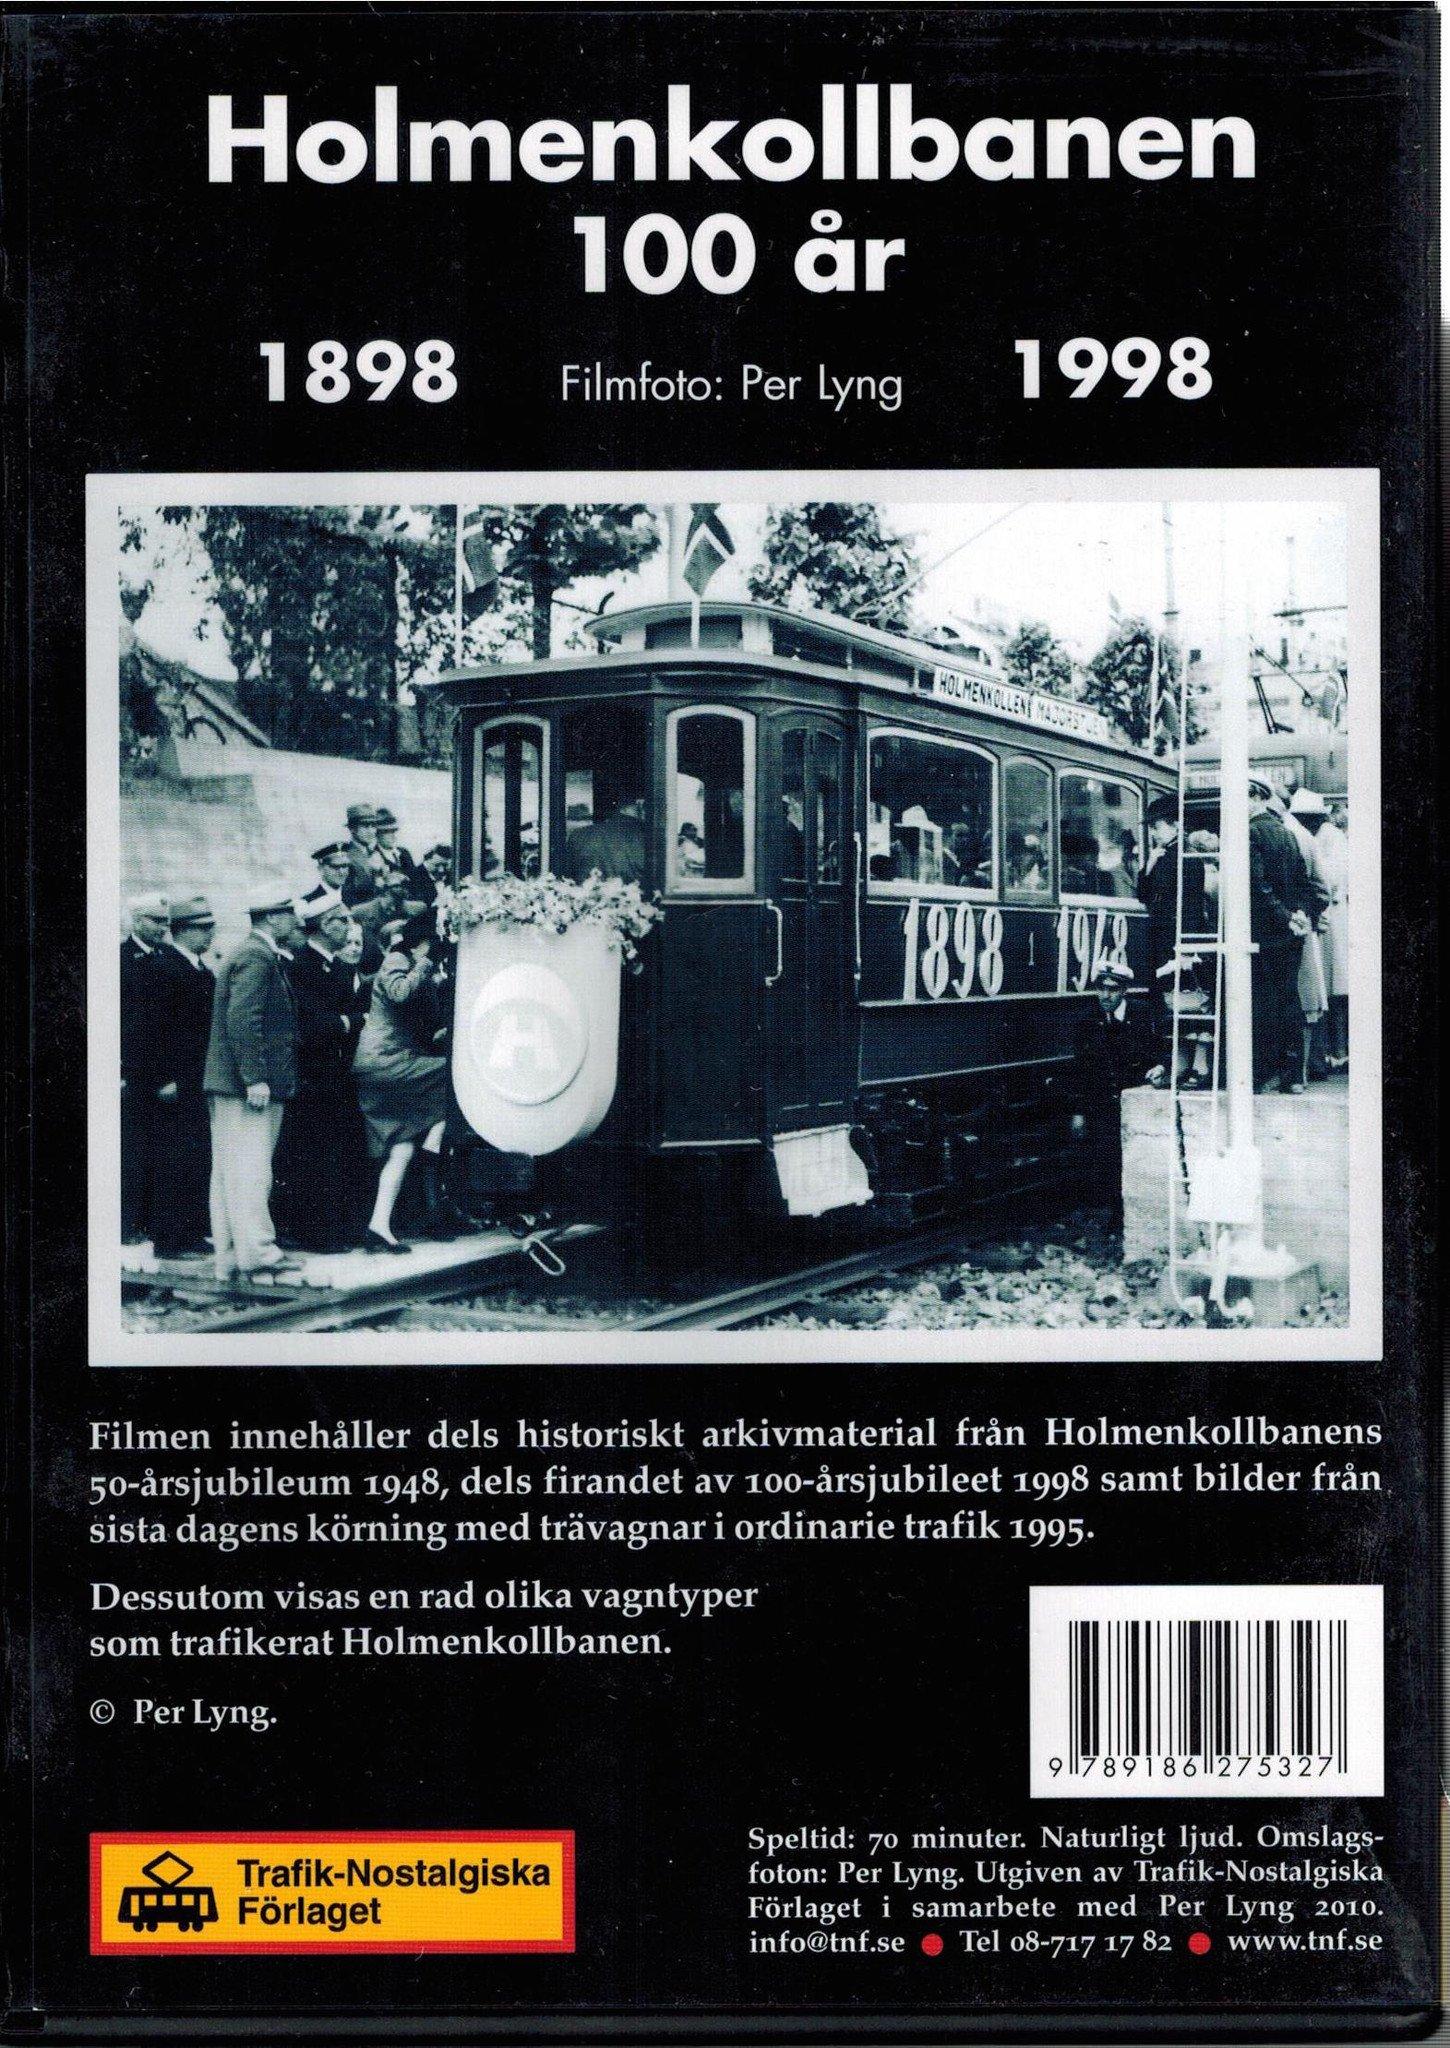 Holmenkollbanen 100 år 1898 - 1998